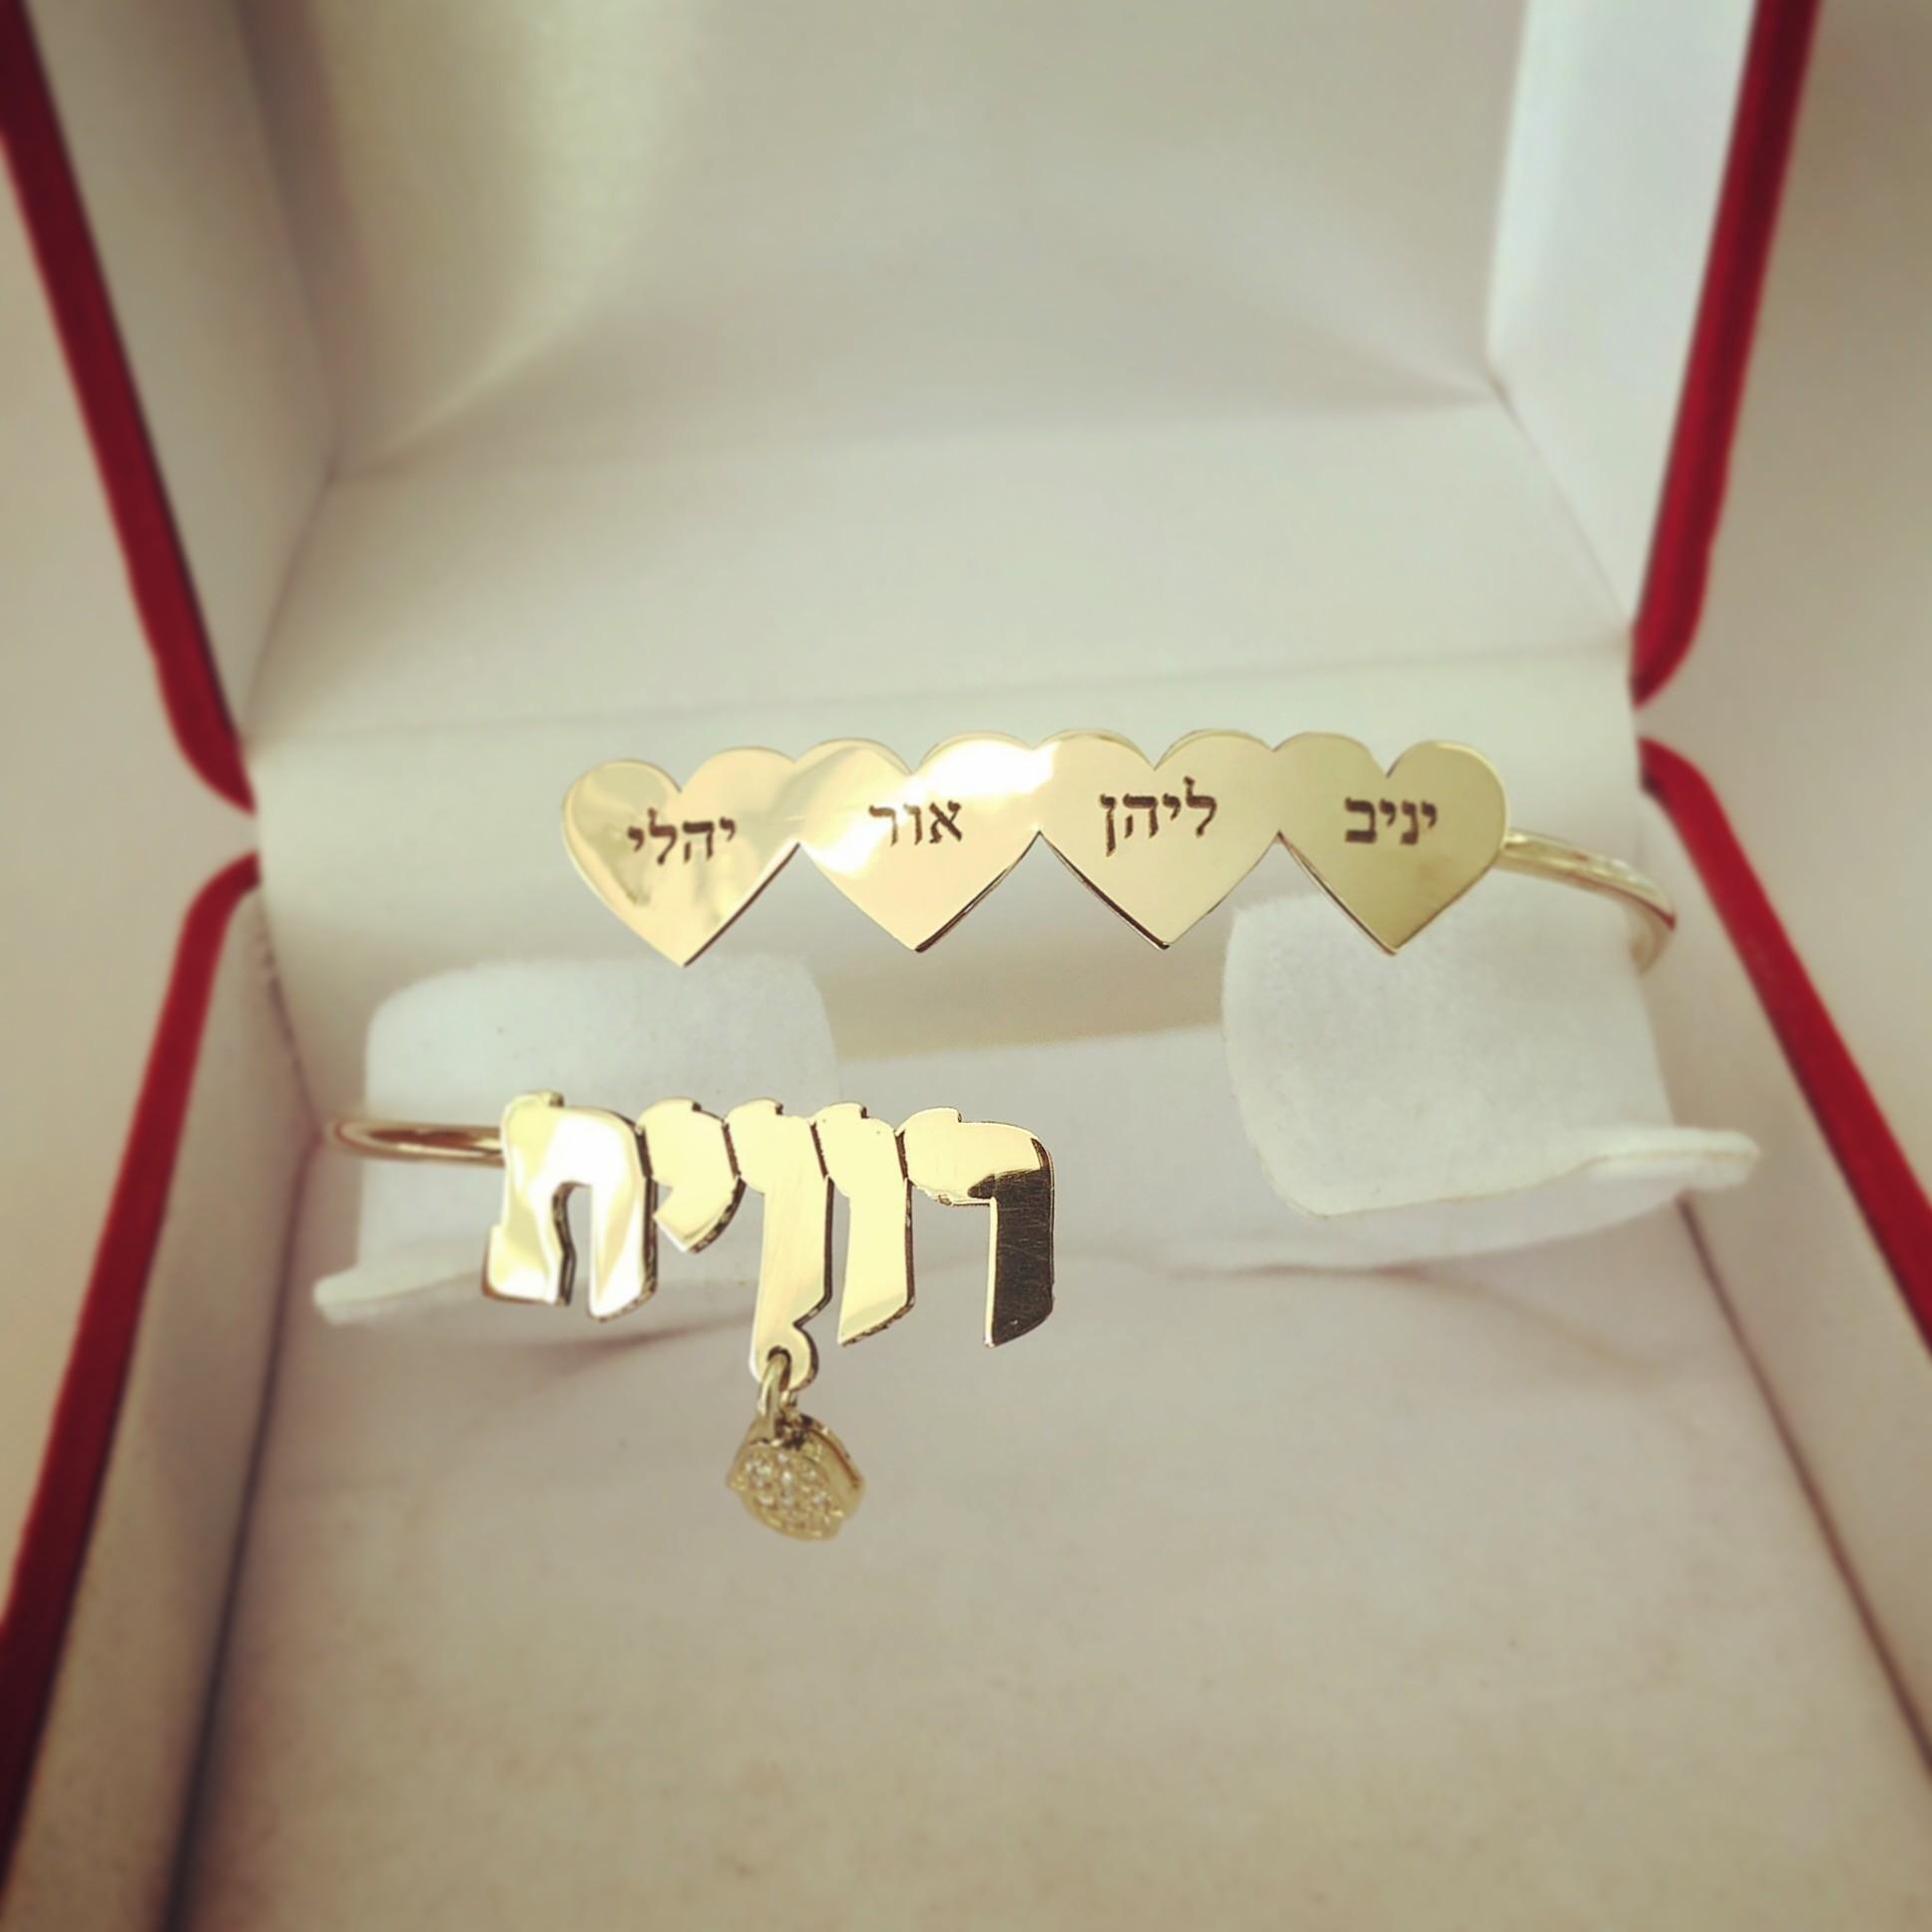 דגם ״2101״ - צמיד משפחה קשיח מתעגל זהב 14 קראט